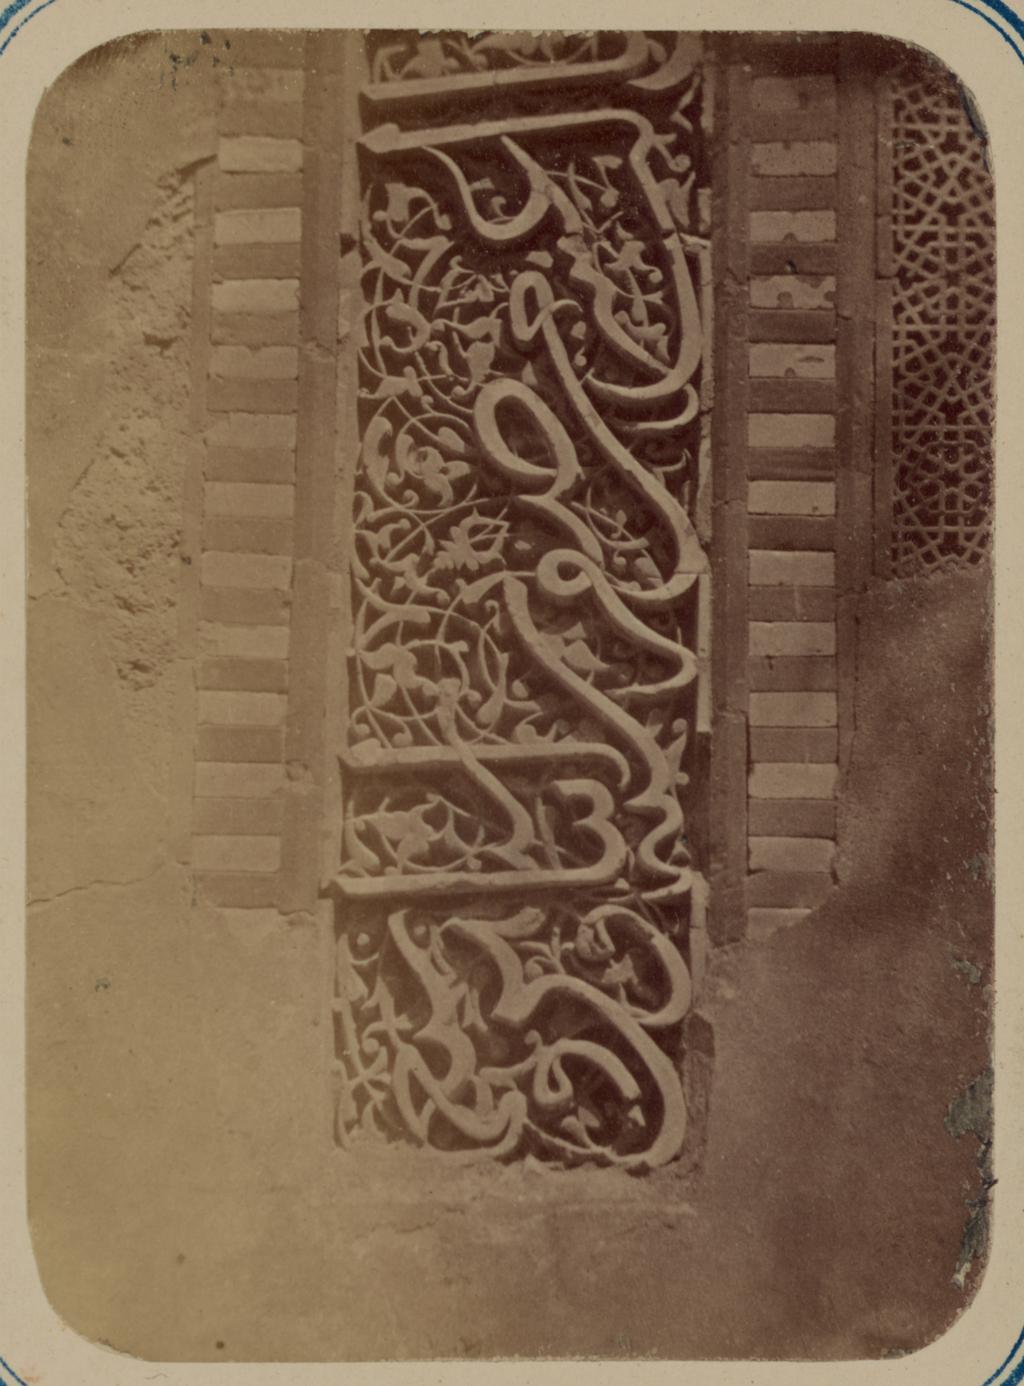 Мавзолей Ша-Арап. Часть надписи на переднем фасаде